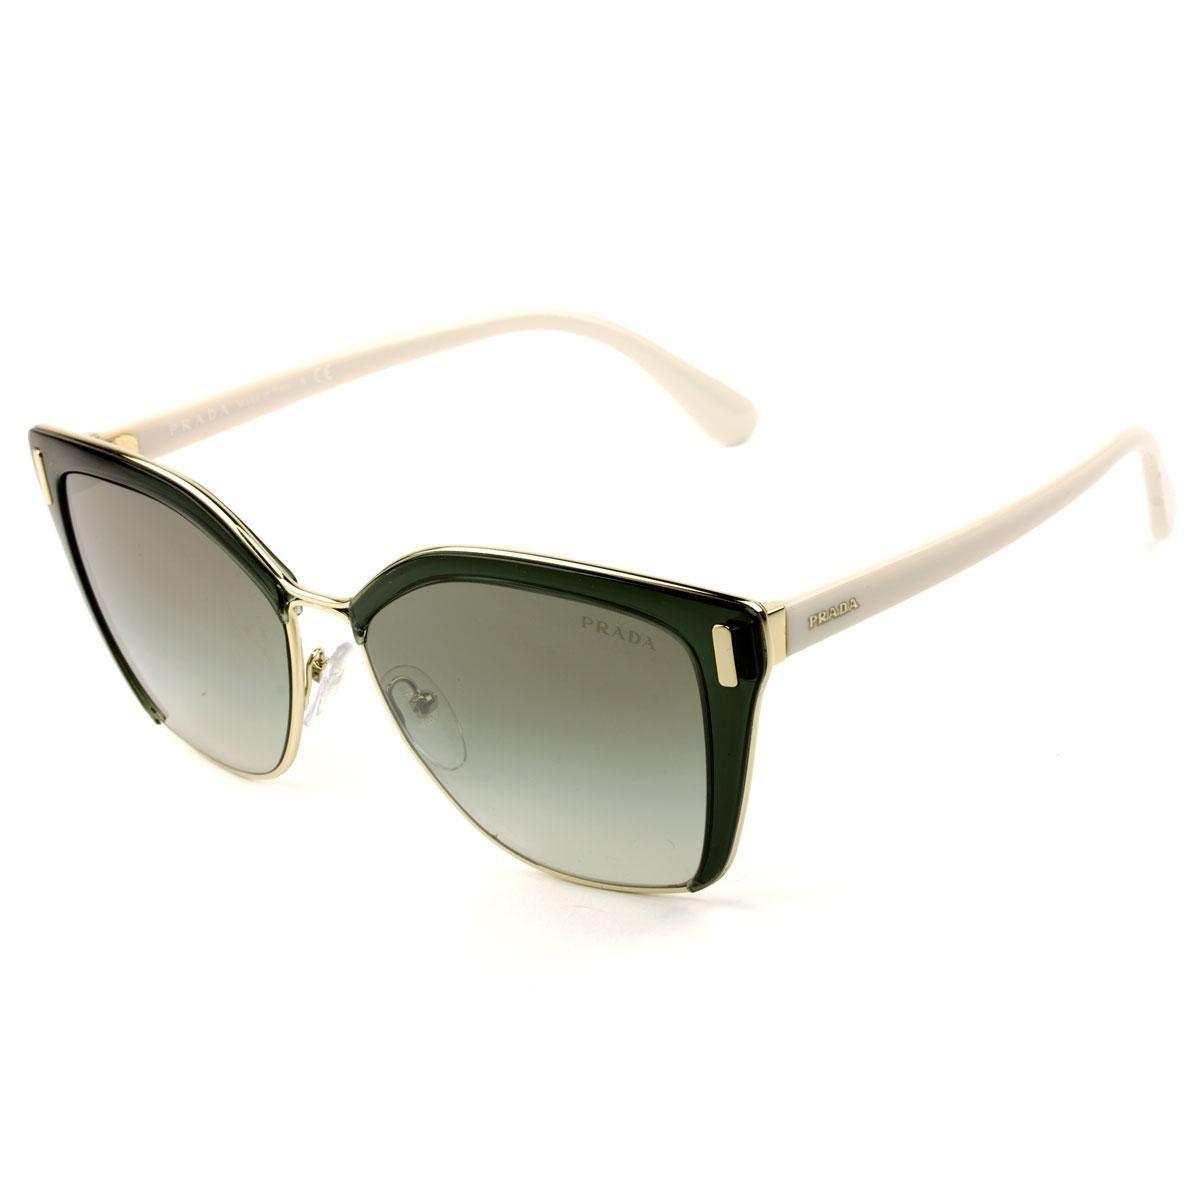 08946b824 Óculos De Sol Prada Feminino SPR56T M09-500 - Omega Ótica e Relojoaria